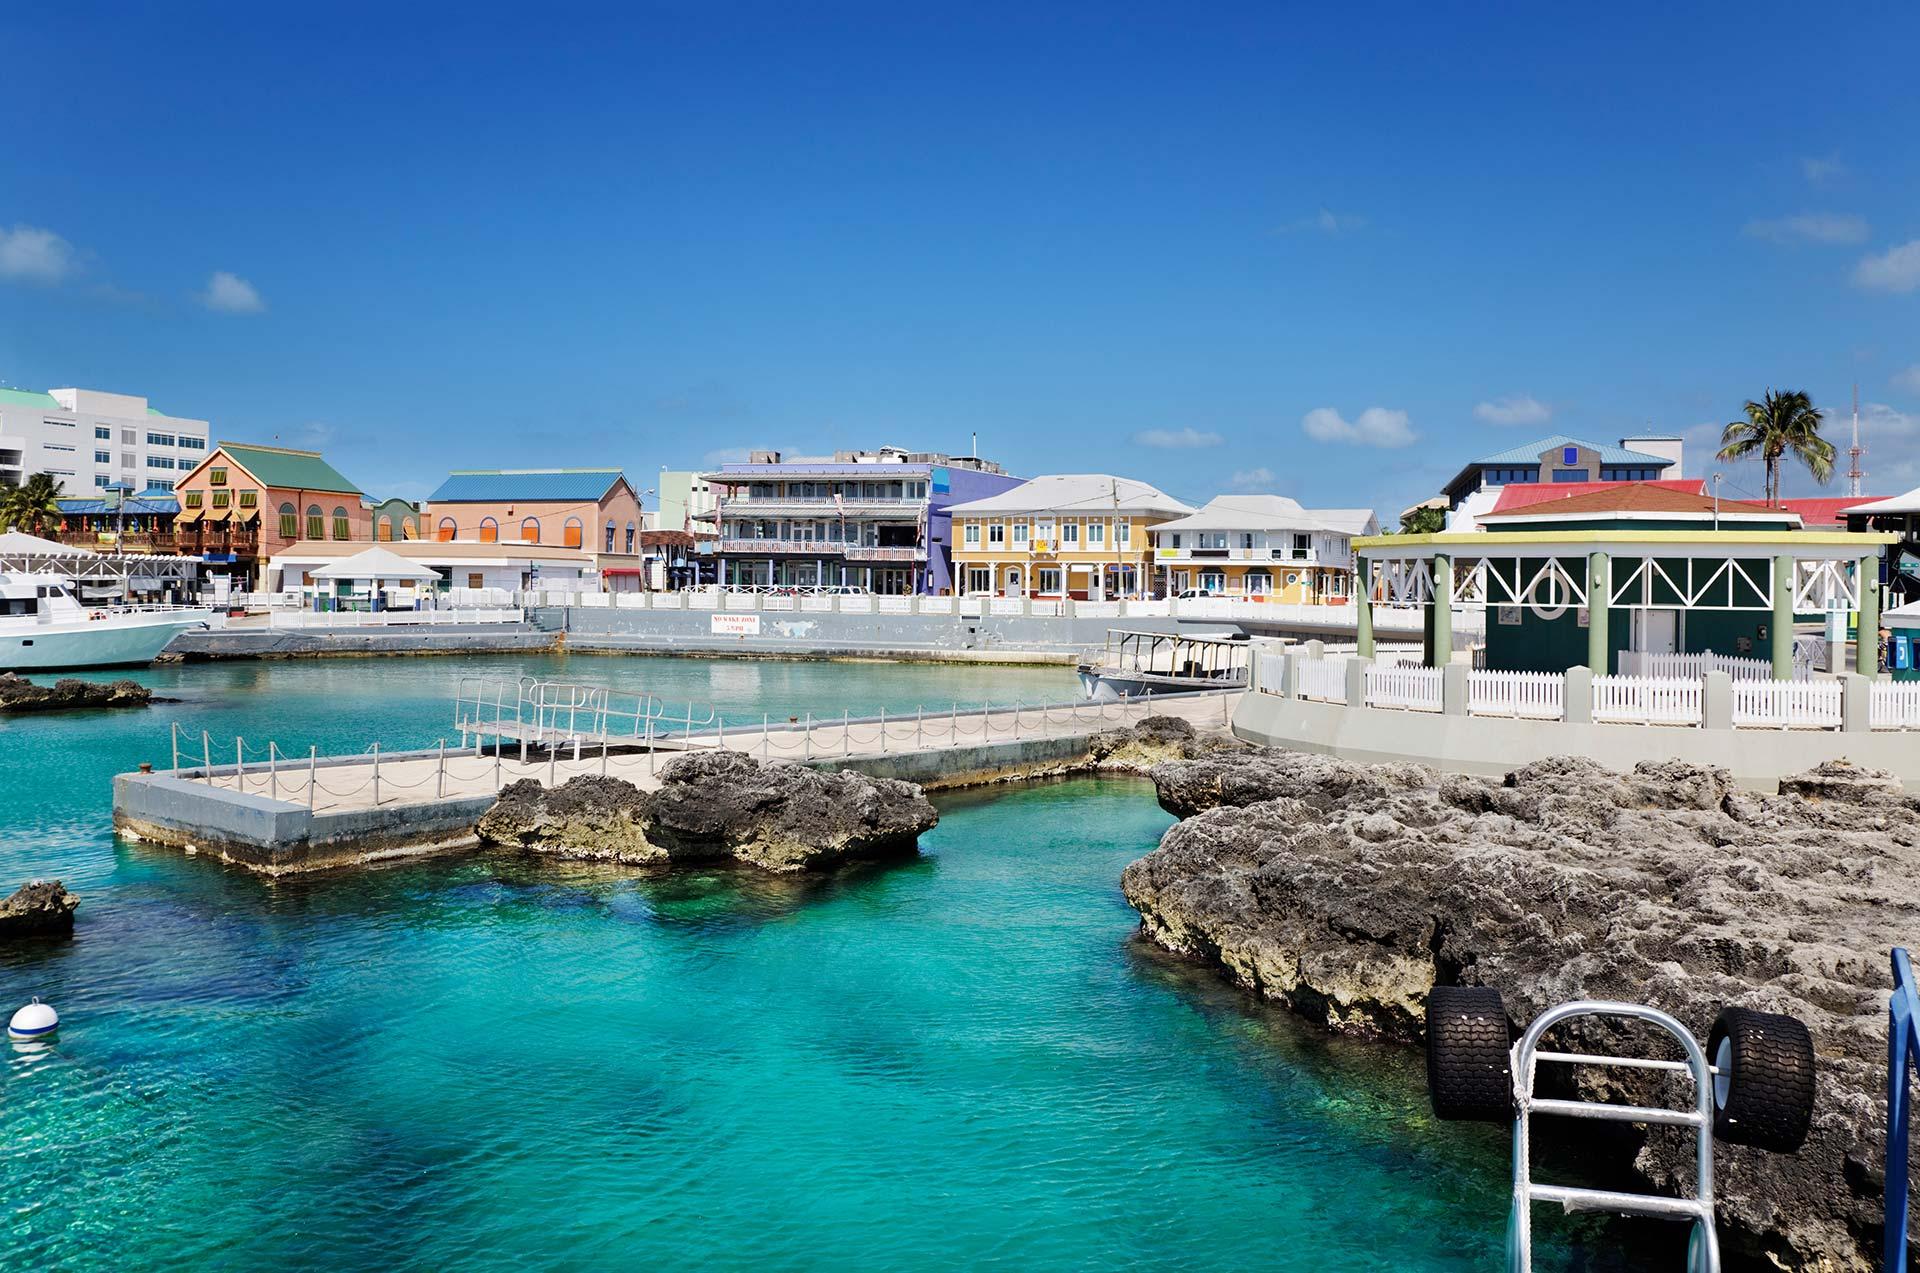 Каймановы острова объясняют, как соблюдать новые правила «экономического содержания»